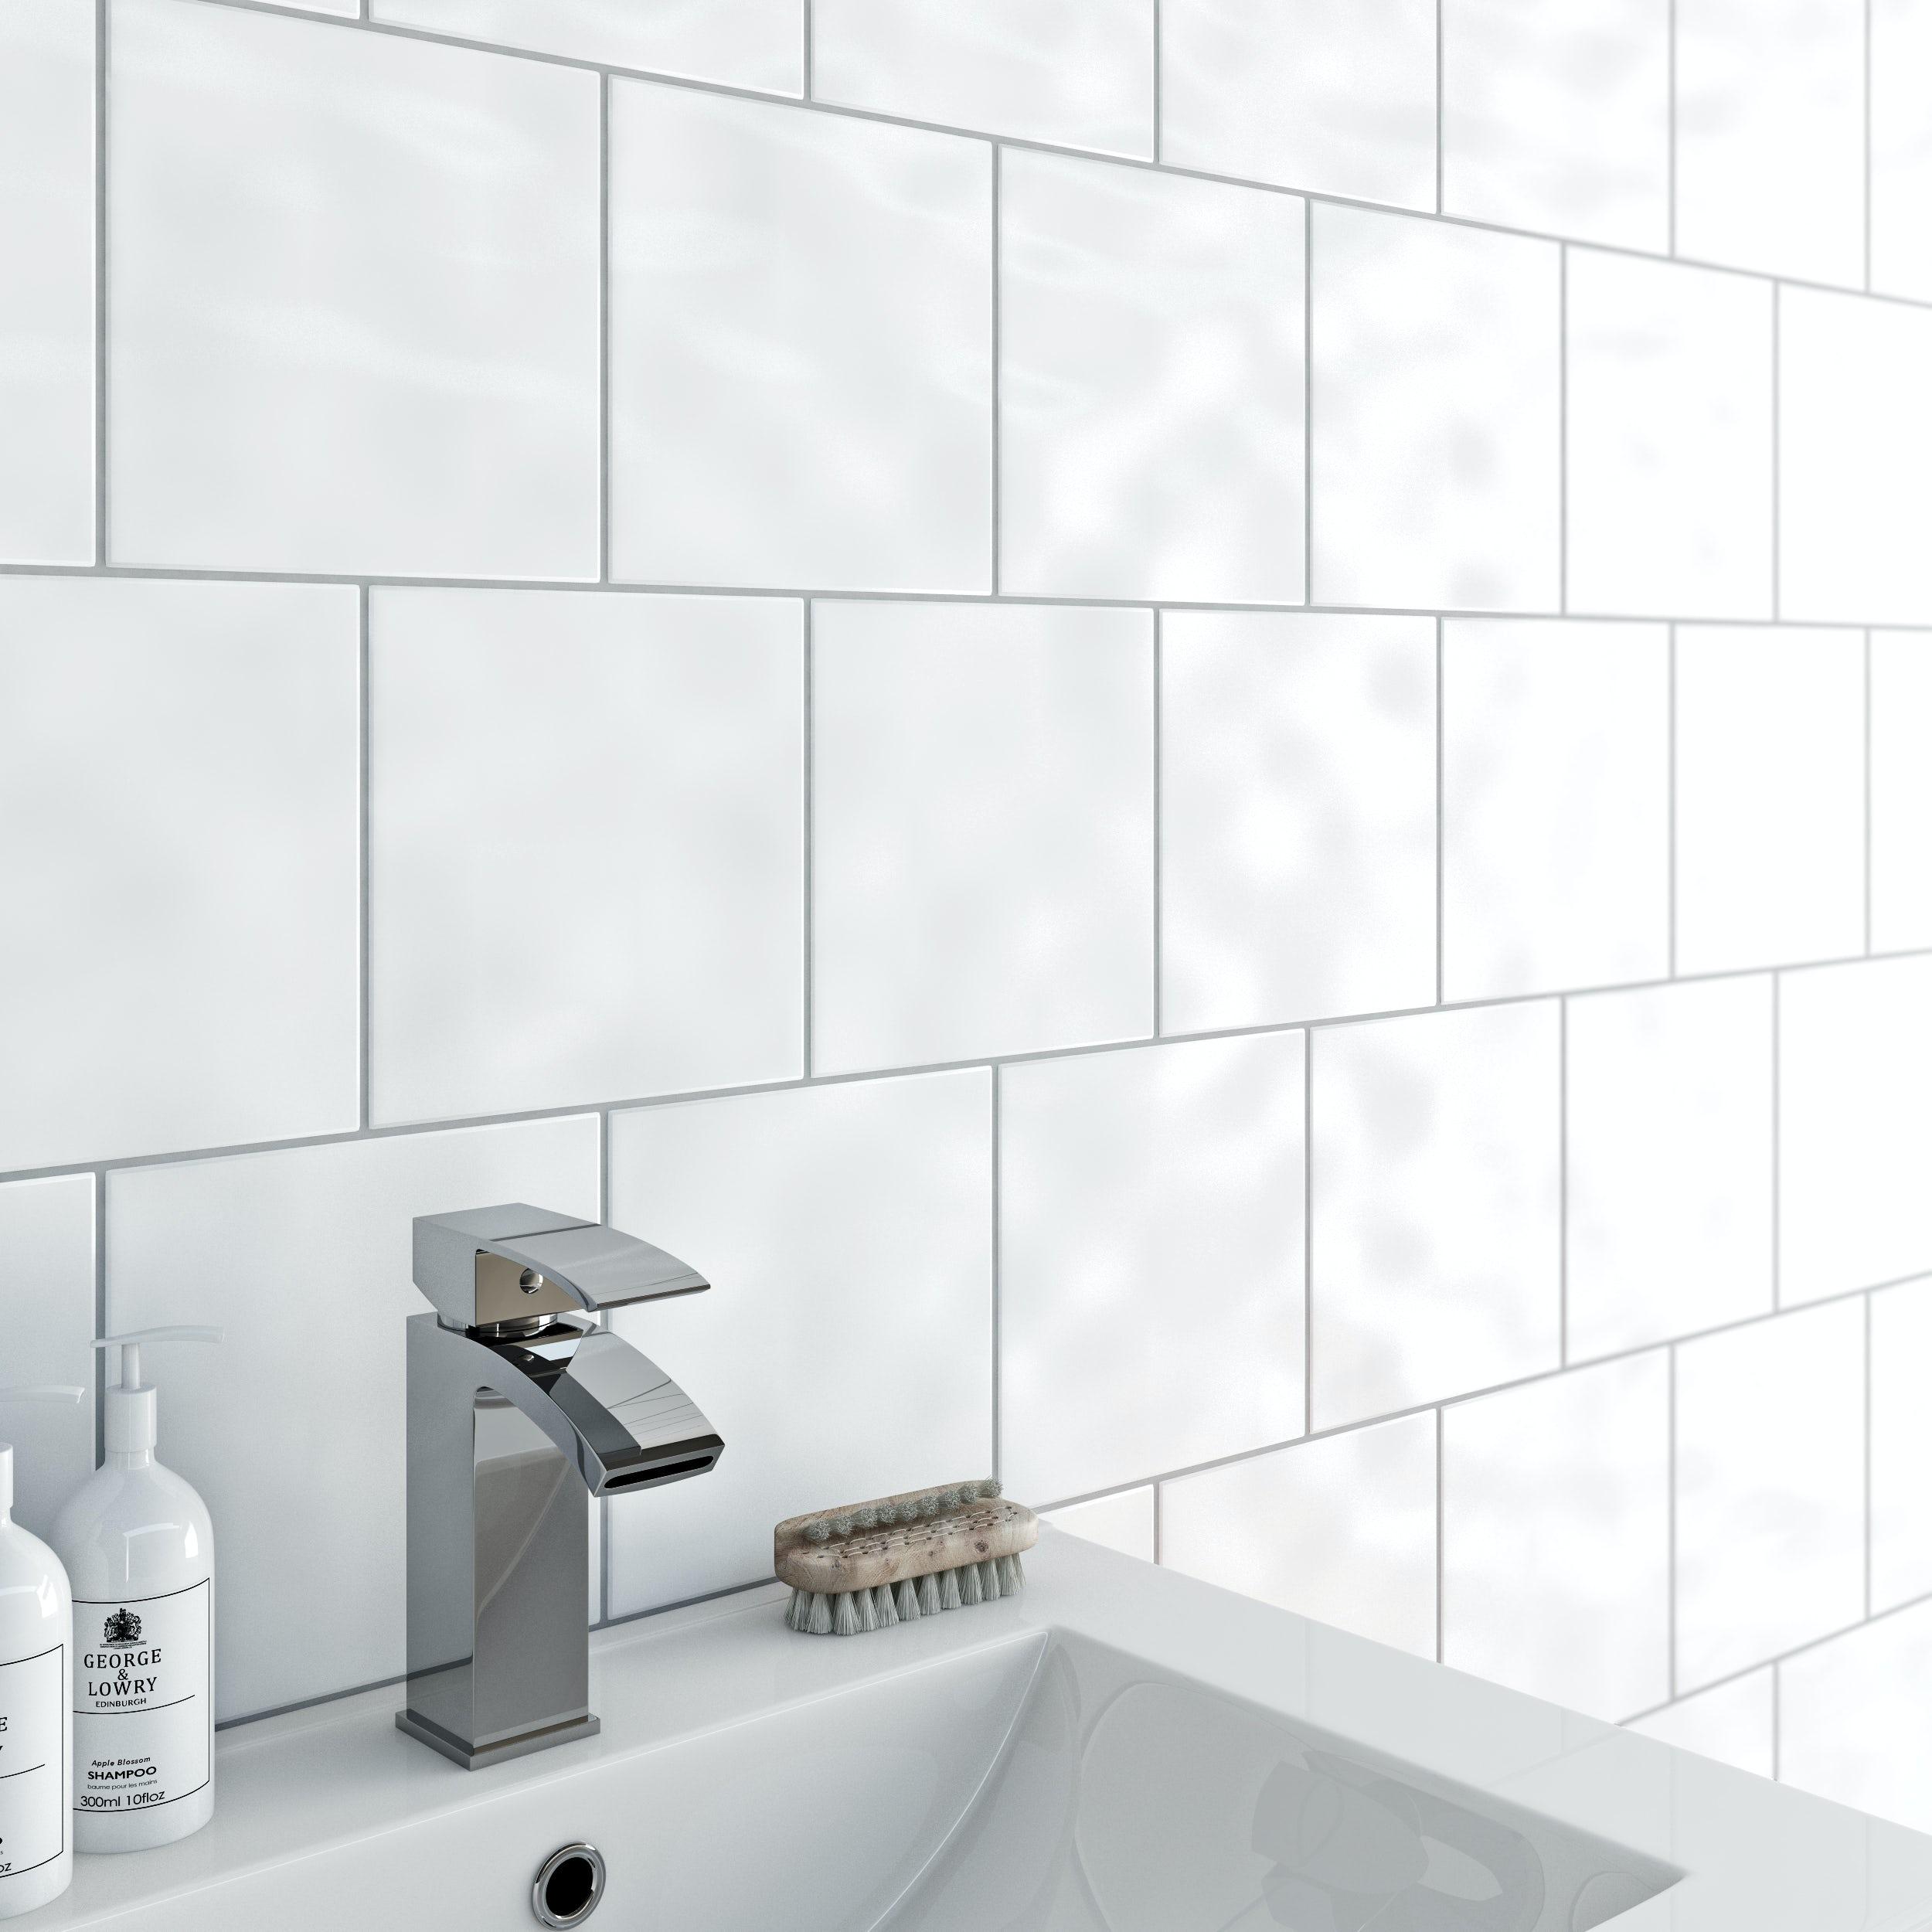 Bathroom Ative Tiles - Alitary.com